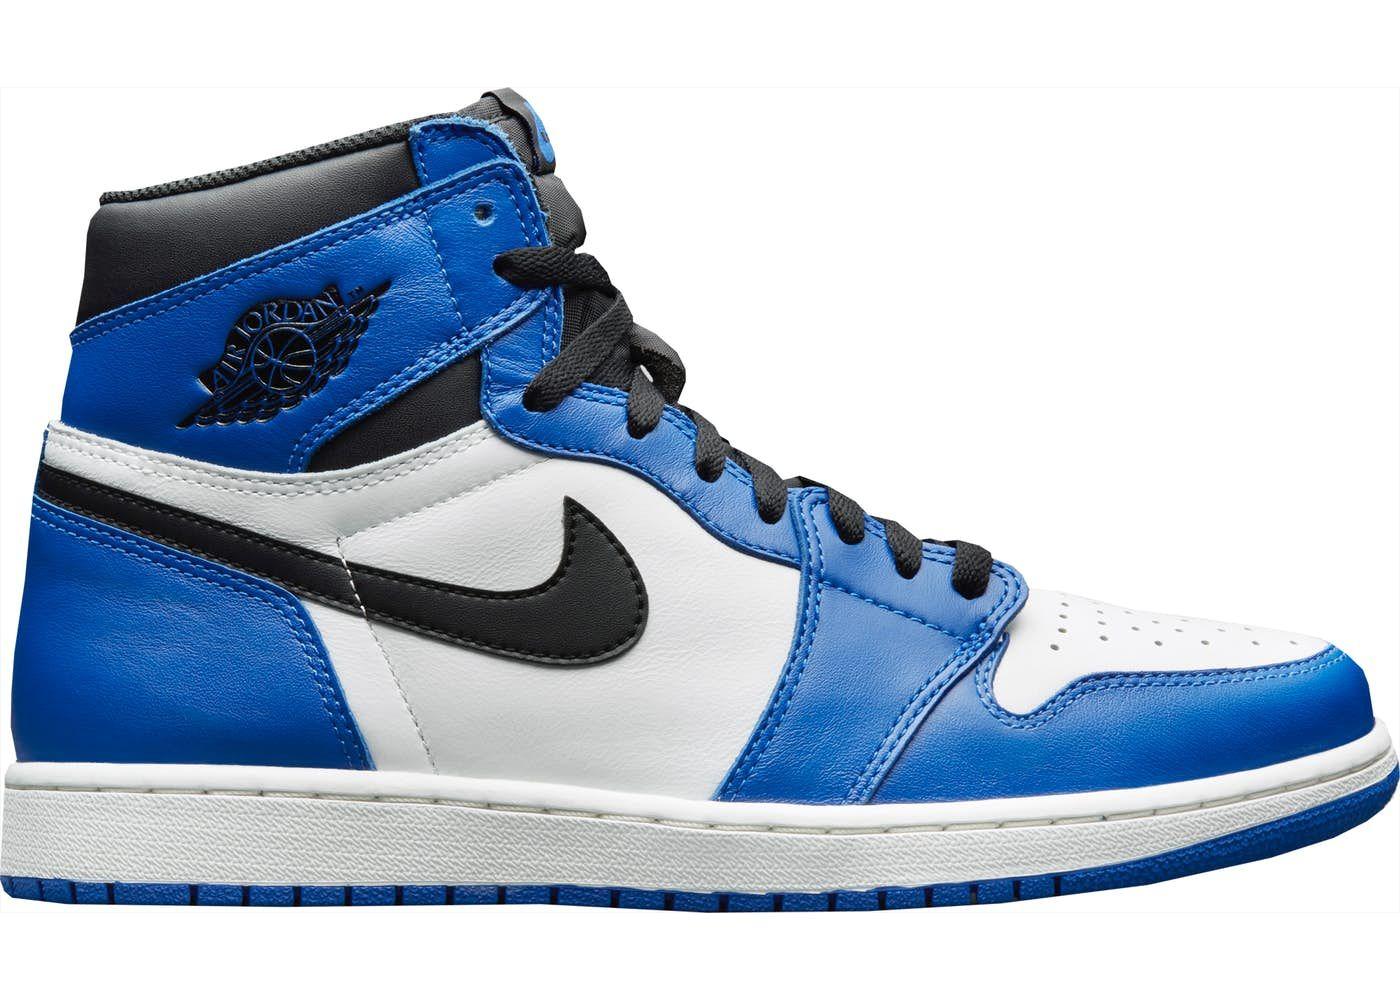 Jordan 1 Retro High Game Royal Air Jordans Sneakers Womens